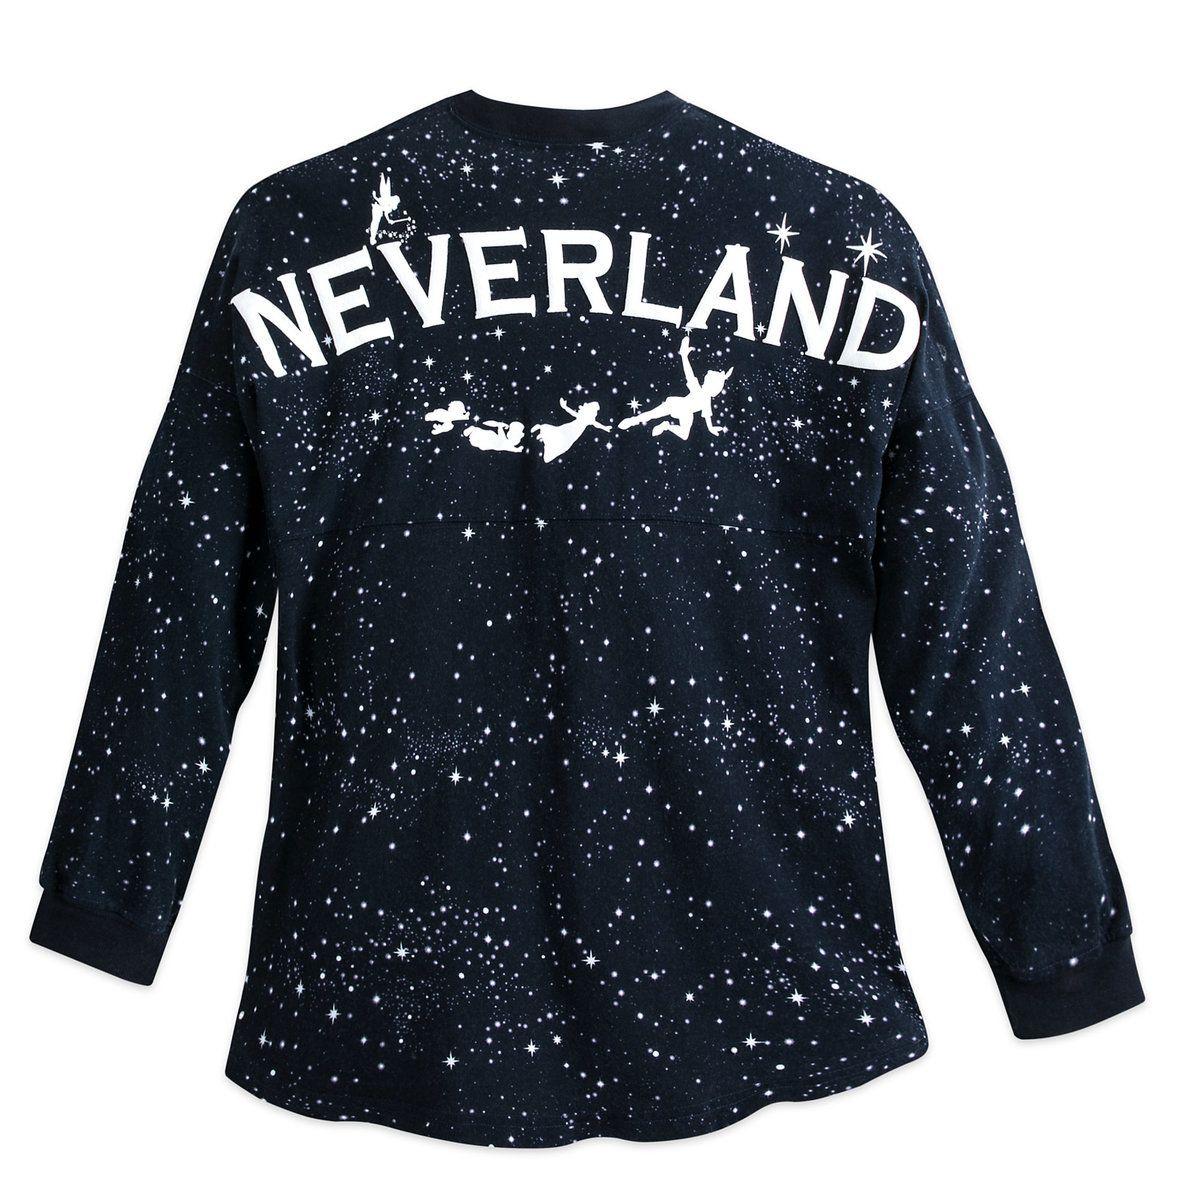 ea9536537 Peter Pan Long Sleeve Spirit Jersey - Women   Disney Fashion ...